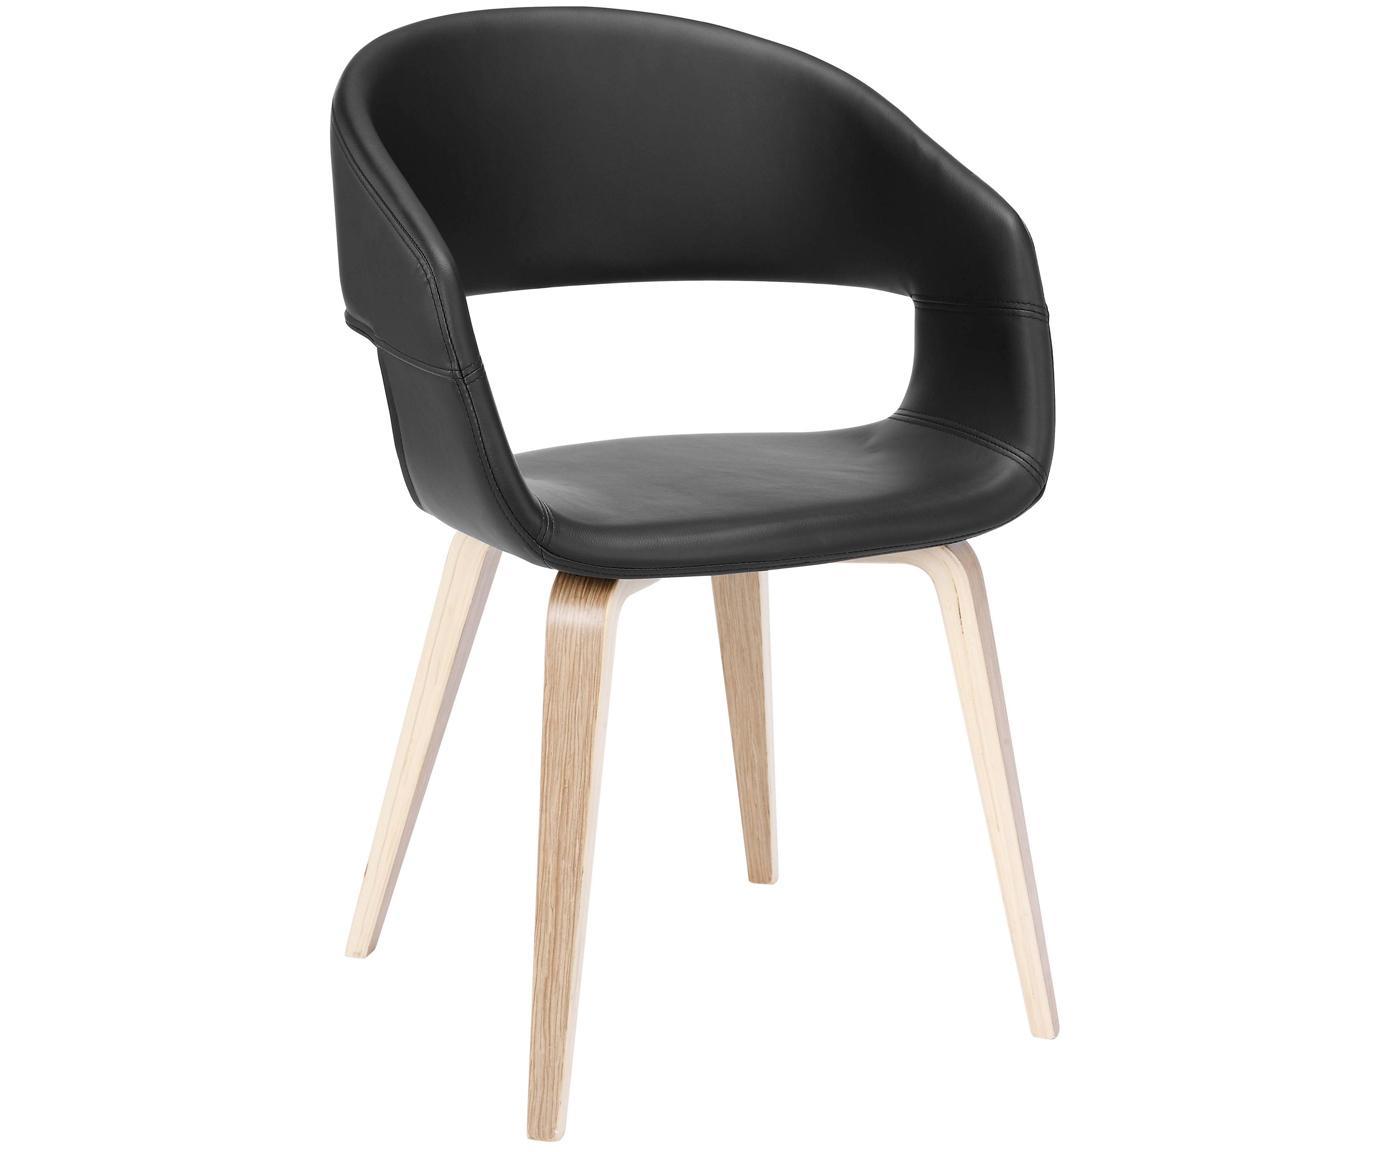 Kunstleder-Armlehnstühle Nova, 2 Stück, Beine: Eichenschichtholz, weiss , Bezug: Kunstleder (Polyurethan), Schwarz, Eiche, B 50 x T 55 cm